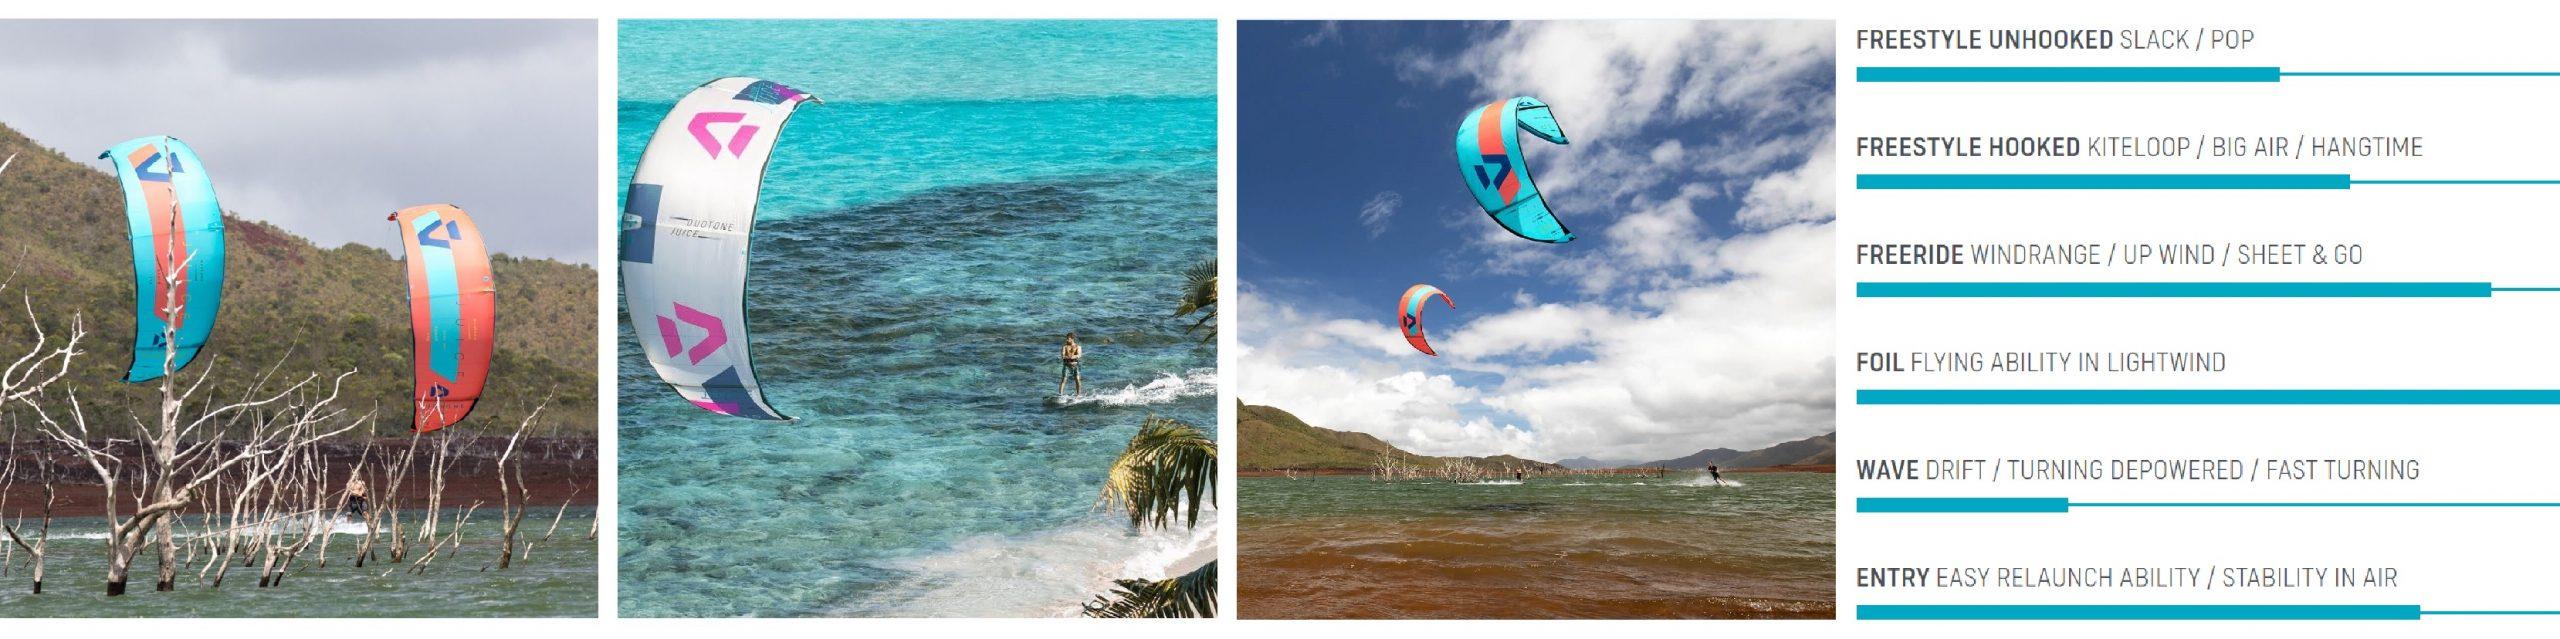 wypożyczanie latawca, kite rental, duotone juice, kite rental lo stagnone duotone, duotone kites sicily